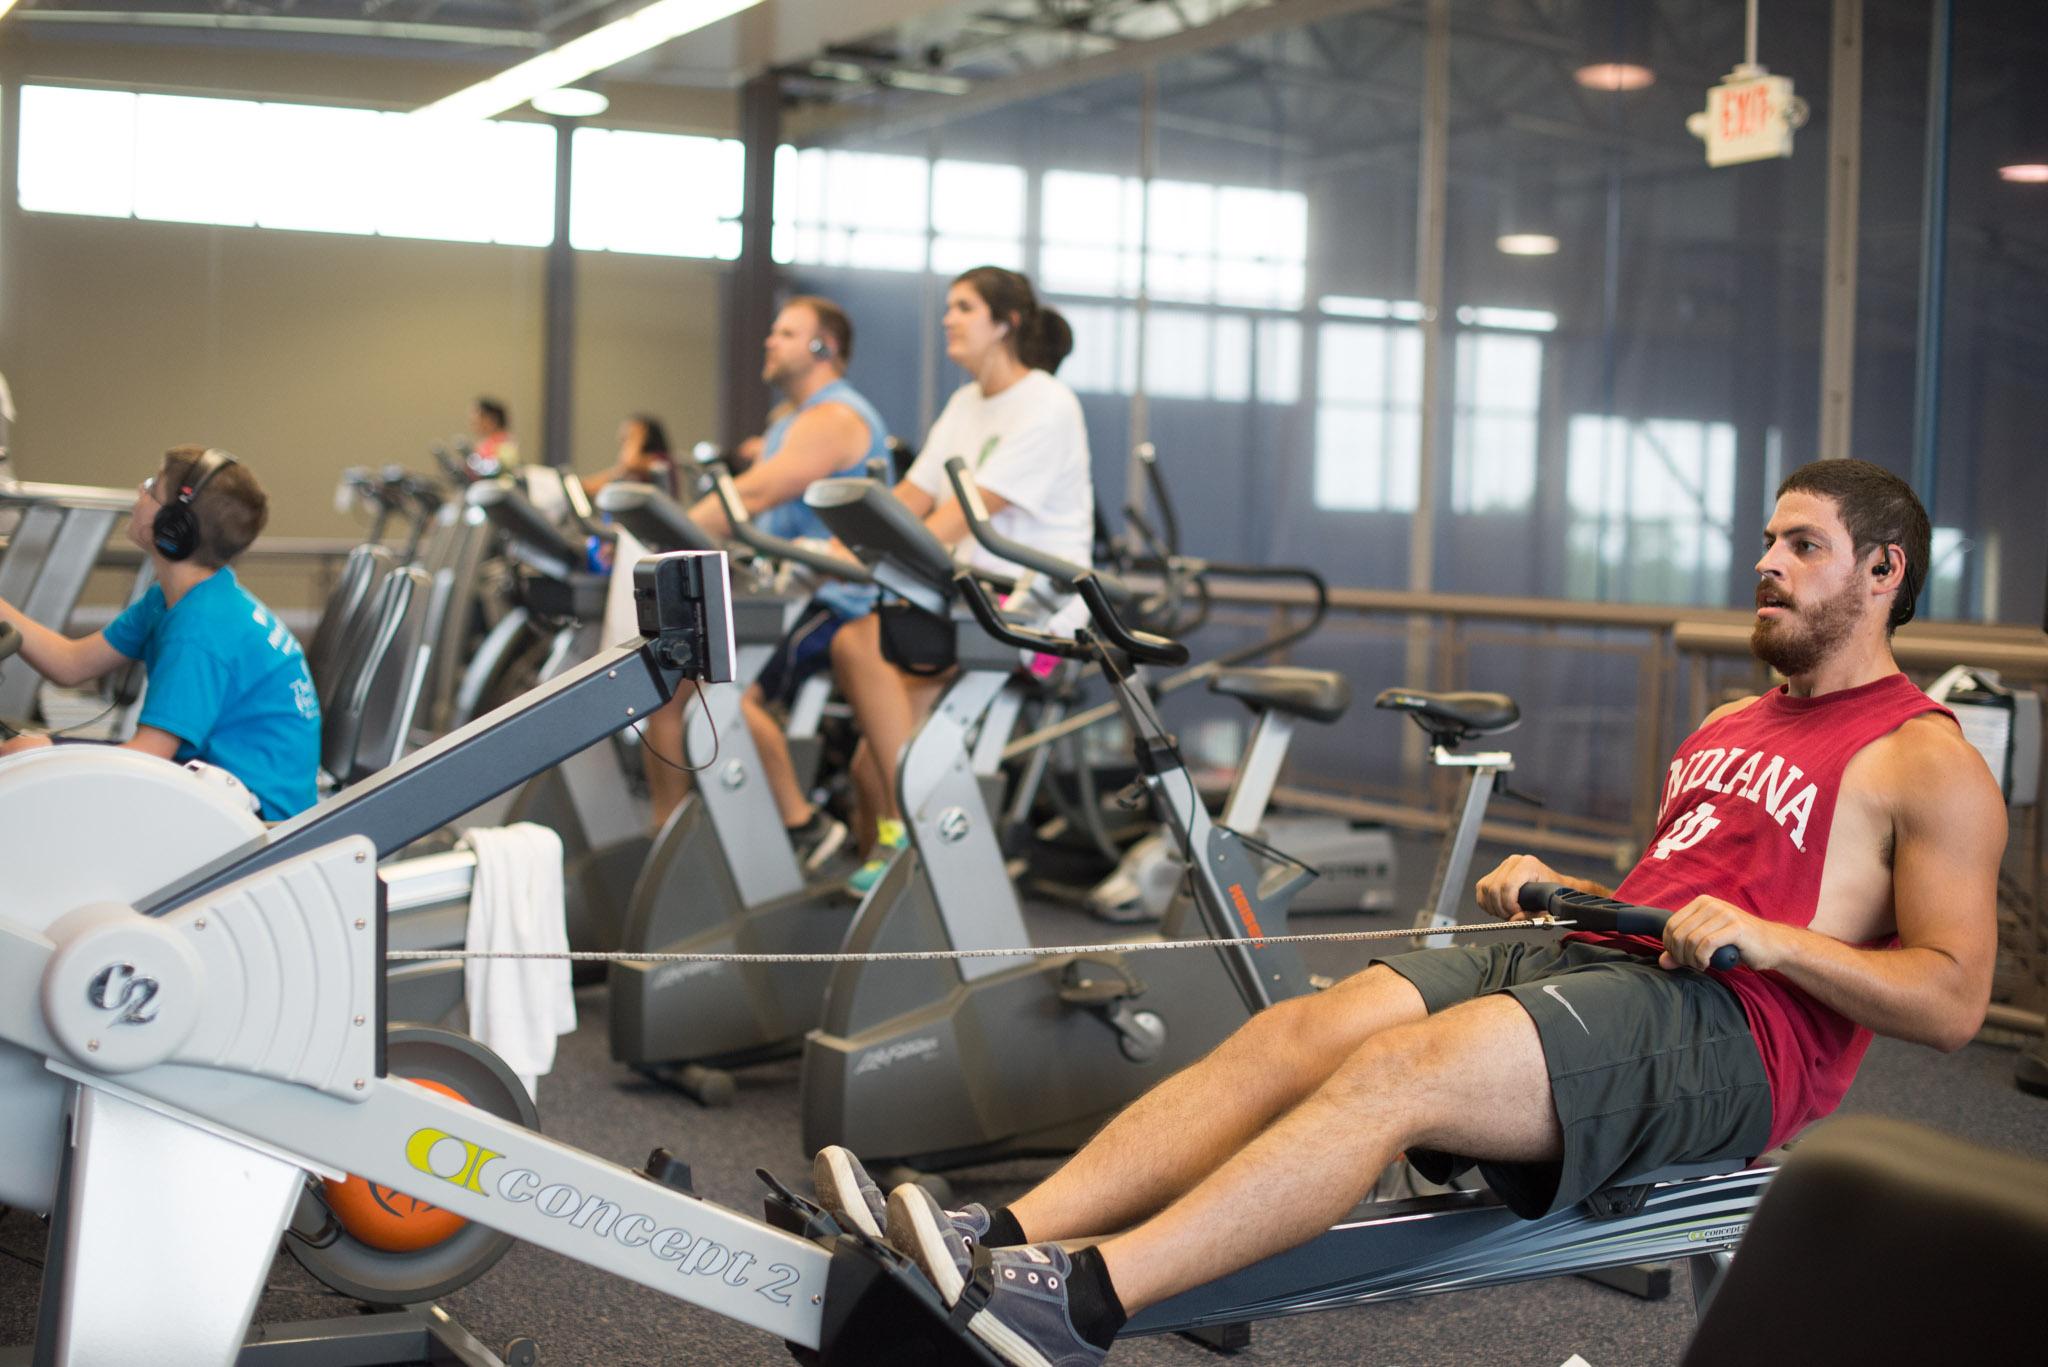 Wellness Center Stock Photos-1259.jpg